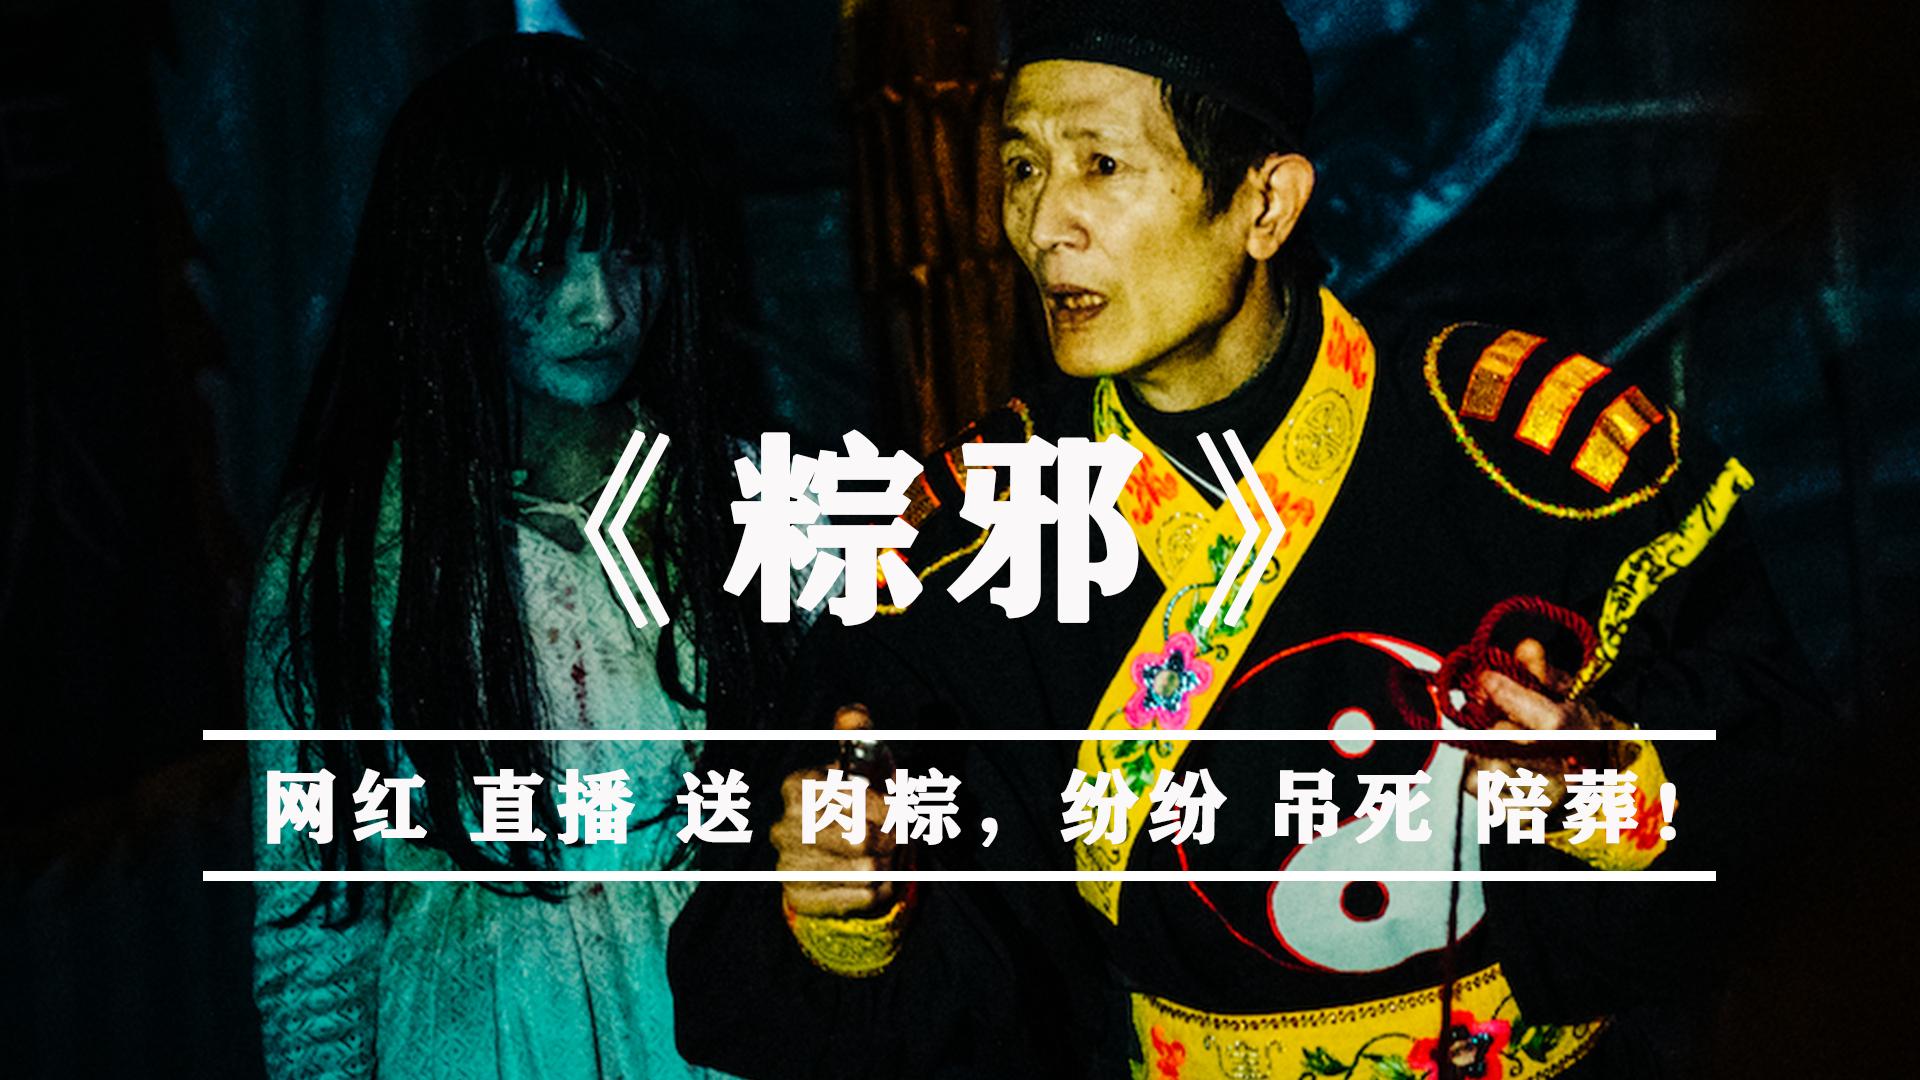 《粽邪》:台湾最新恐怖片,网红直播送肉粽,纷纷吊死陪葬!